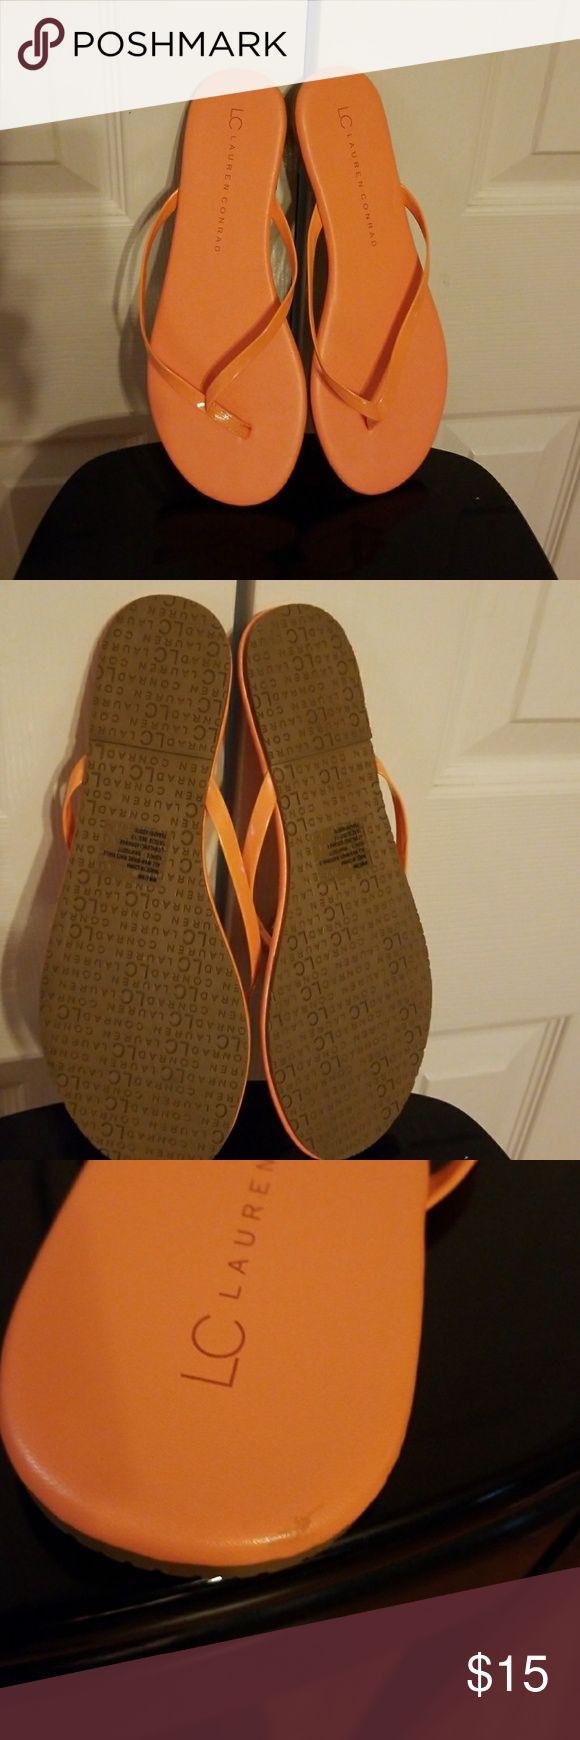 LC Lauren Conrad Flip Flops Barley worn/Orange color/Size 8M/ See Picture #3 a little scratch. LC Lauren Conrad Shoes Sandals